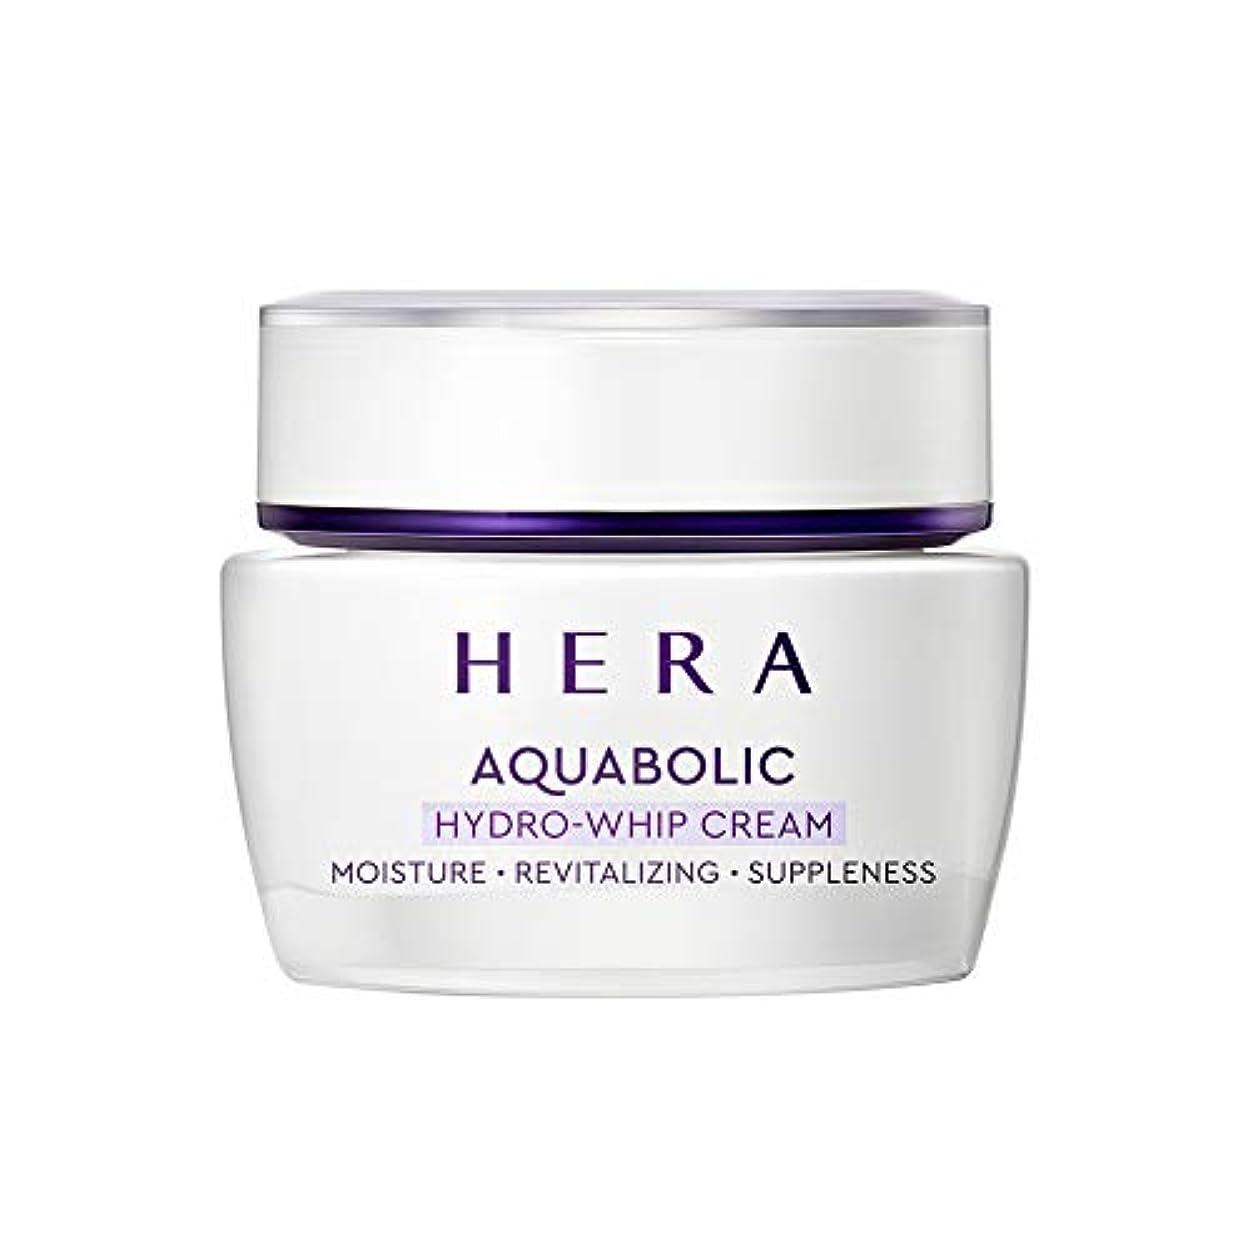 一緒にワット差別化する【HERA公式】ヘラ アクアボリック ハイドロ-ホイップ クリーム 50mL/HERA Aquabolic Hydro-Whip Cream 50mL